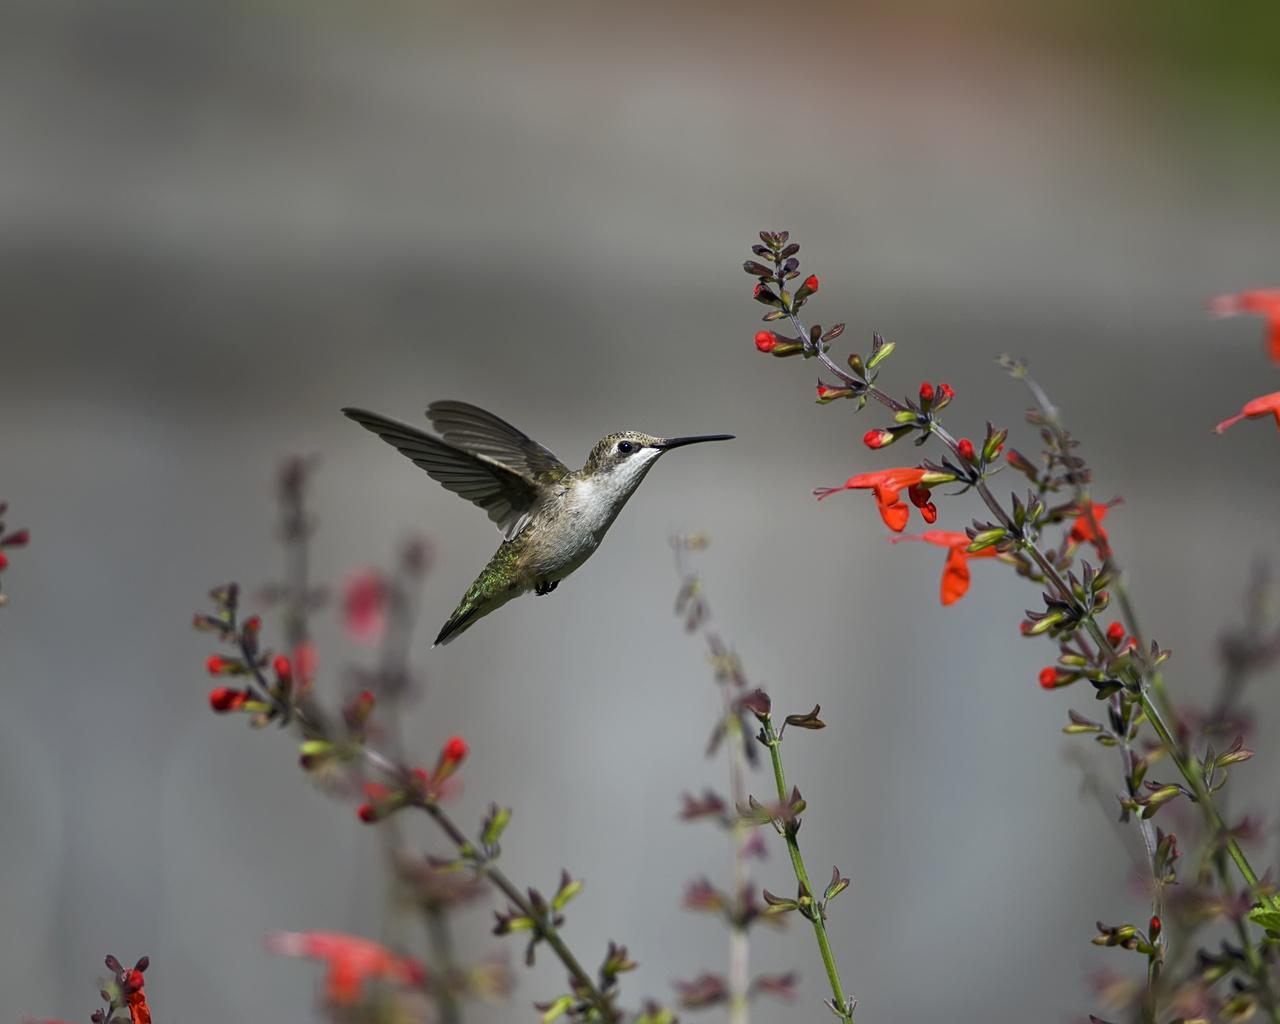 полет, цветы, колибри, красные, Птица